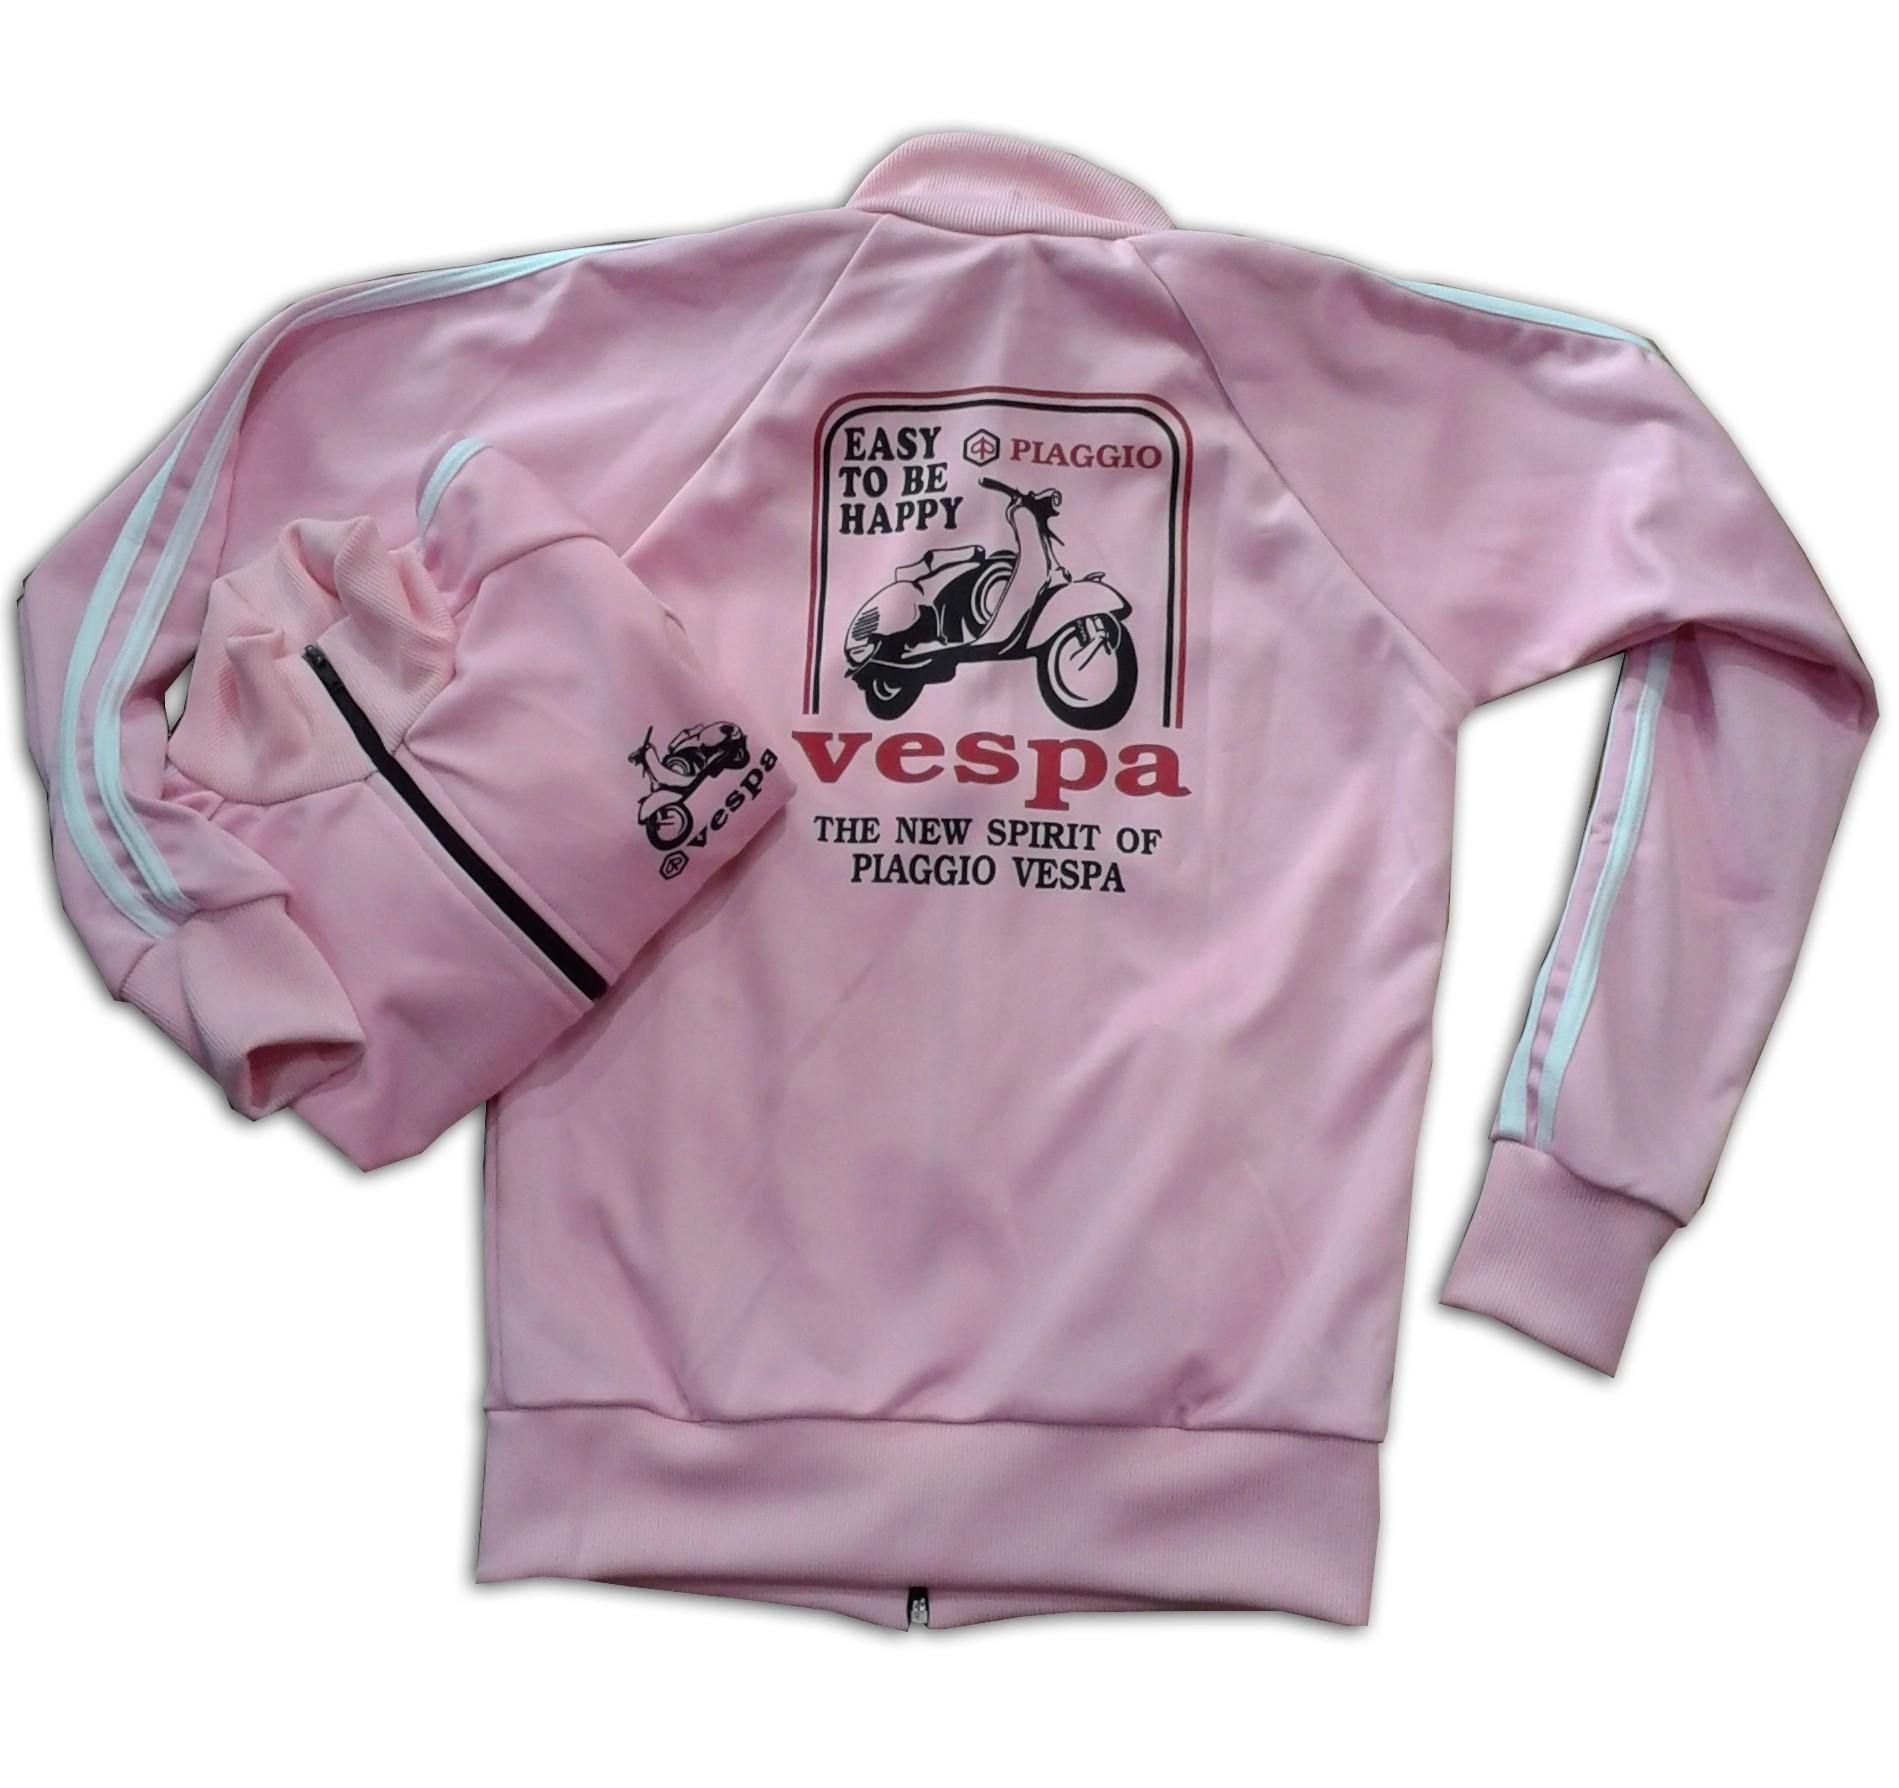 a55a9a93 Sudadera vespa rosa claro dibujo negro | Tucuman Aventura